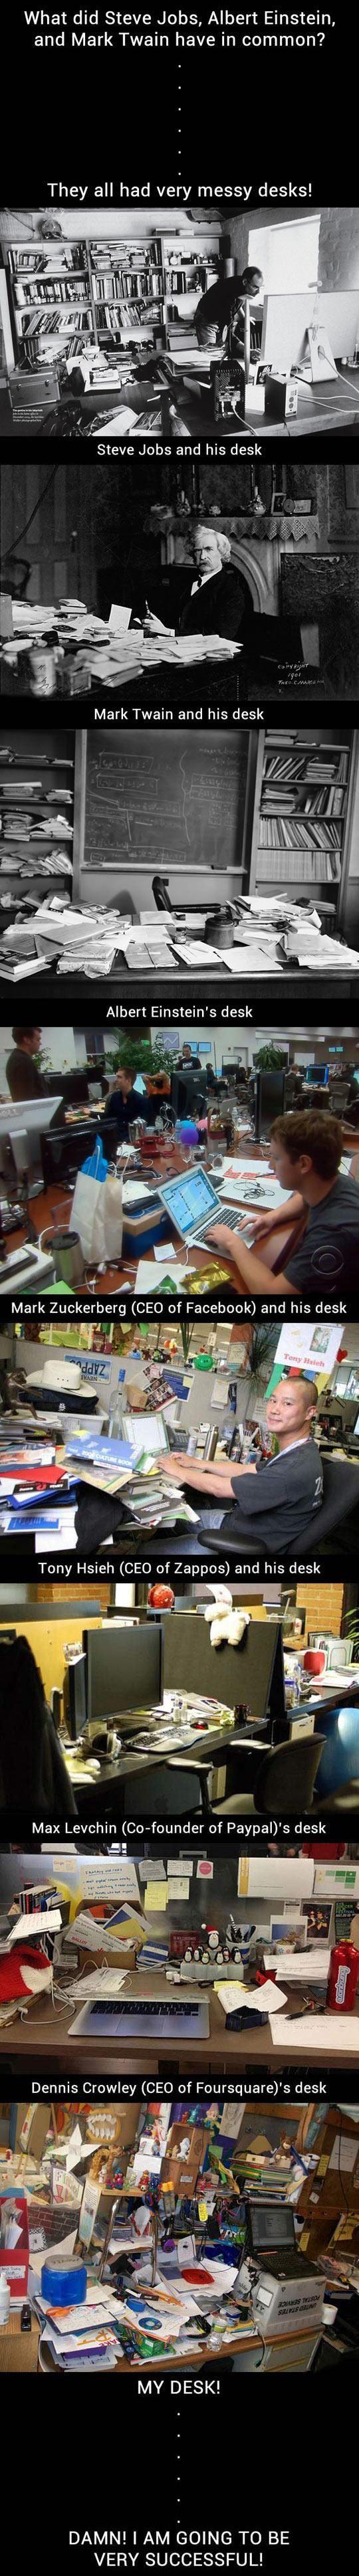 The secret of a messy desk | Messy desk. Funny images. Steve jobs